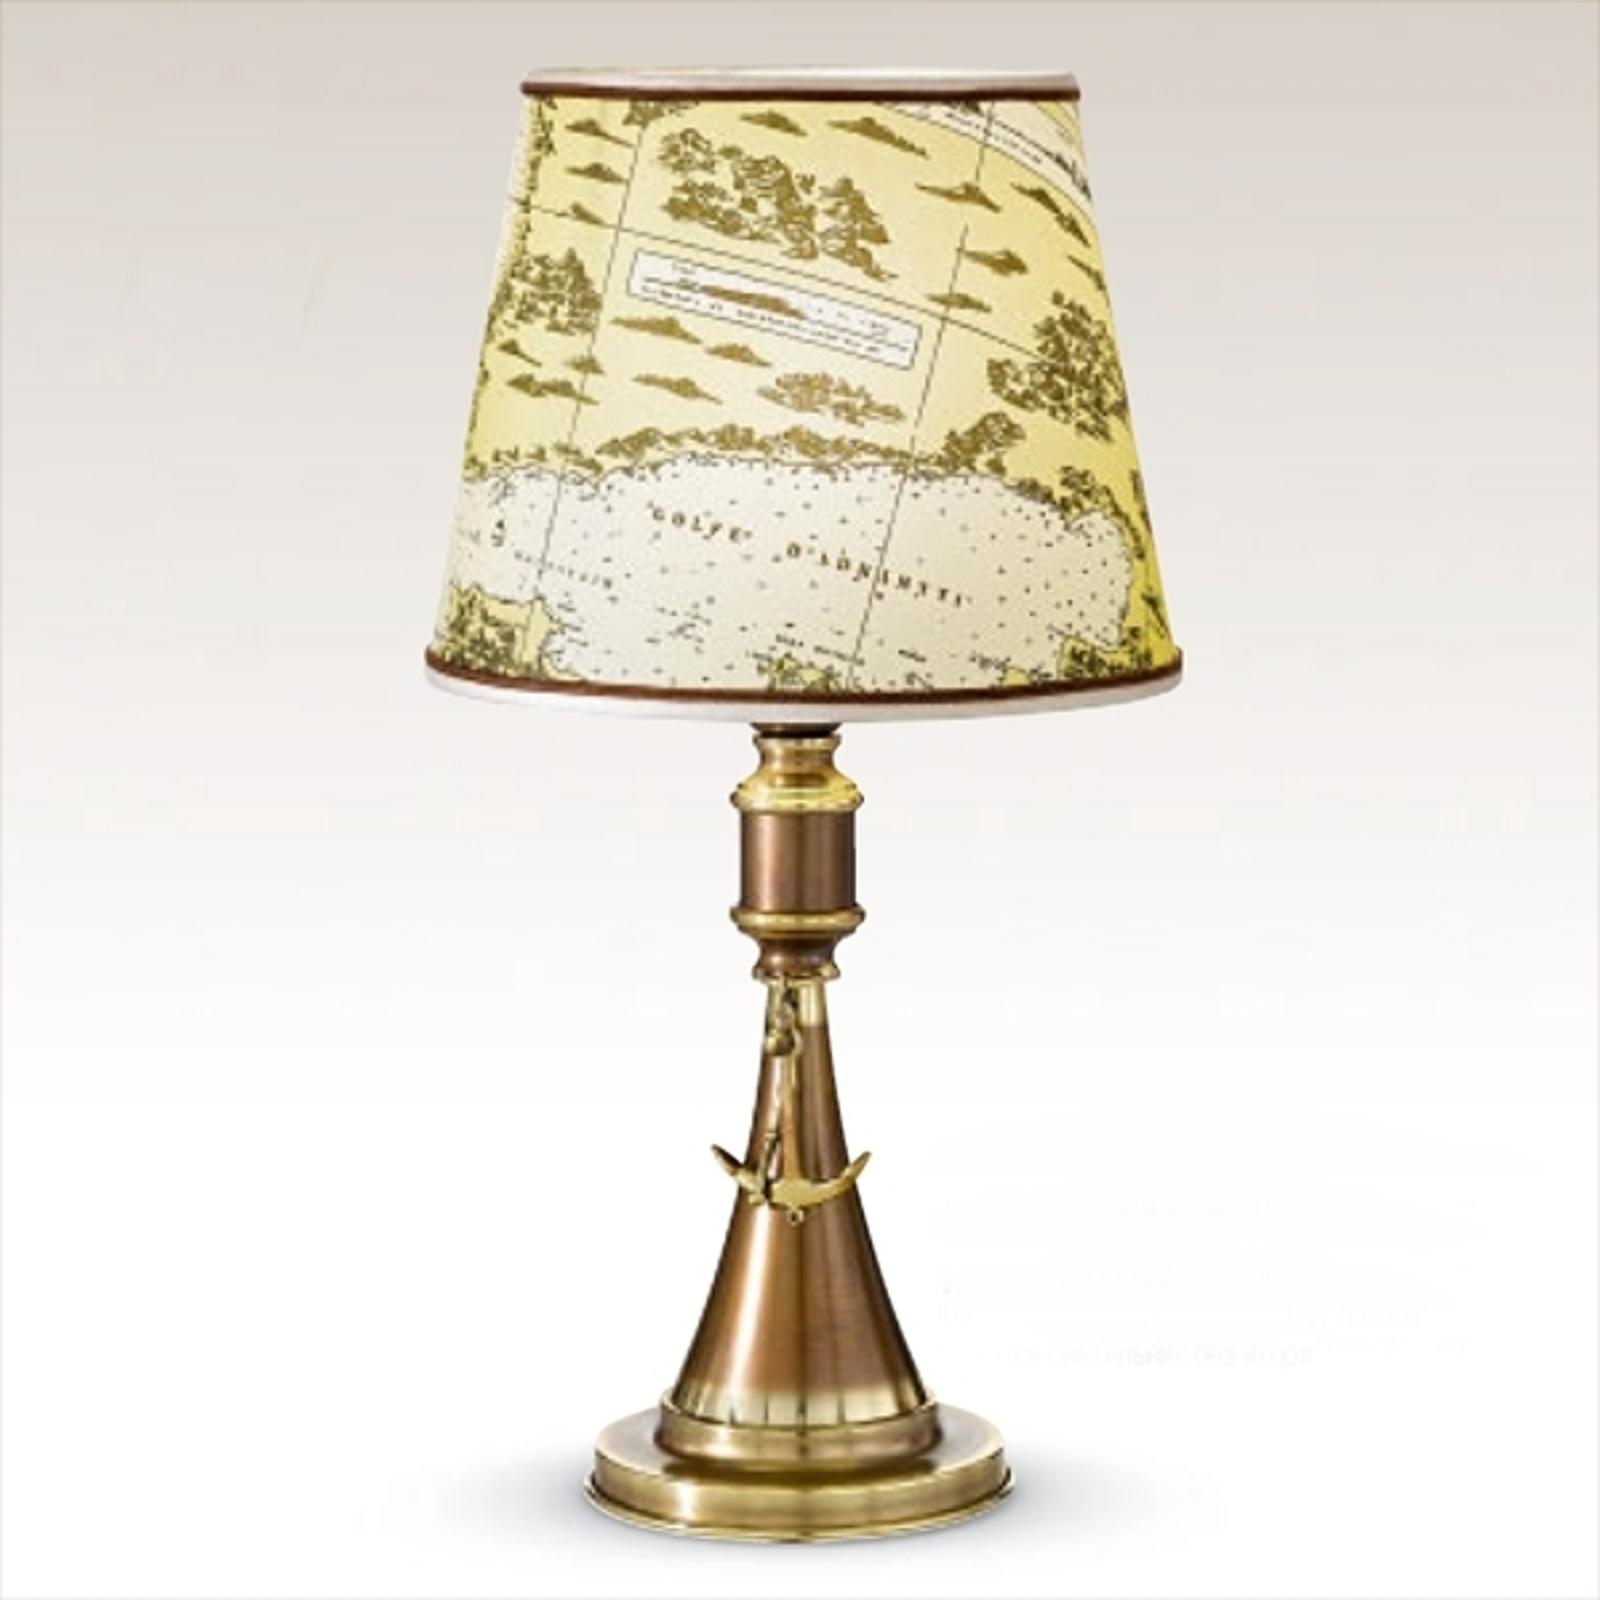 Lampe à poser Laguna, design marin 48 cm